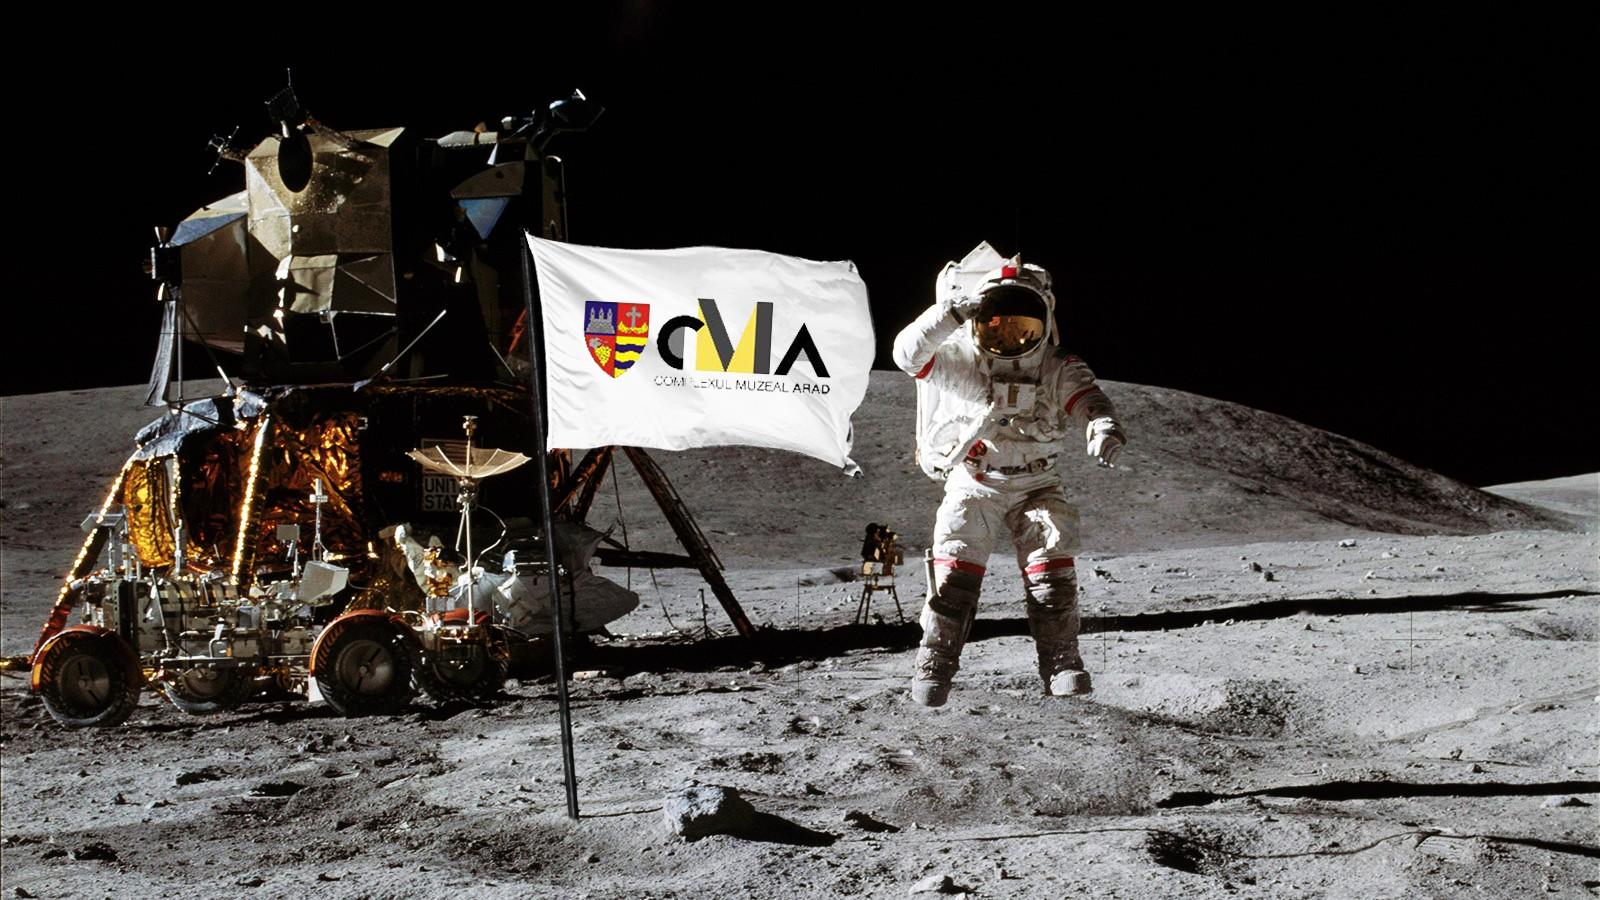 Înapoi  pe Lună. Jumătate de secol de la primul pas pe Lună, marcat la Complexul Muzeal Arad